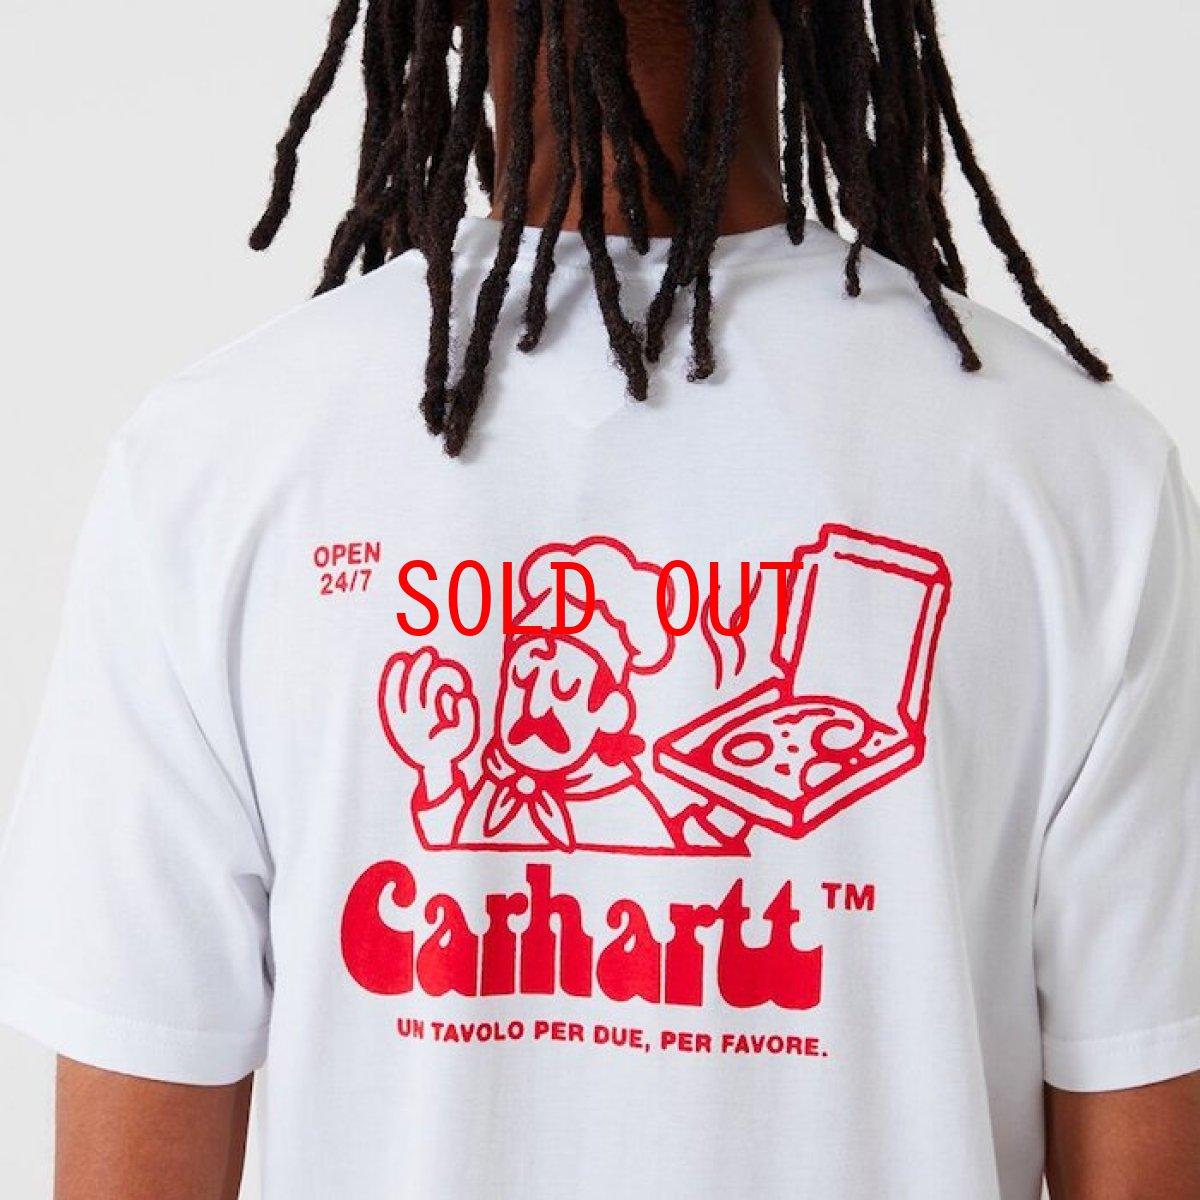 画像1: Carhartt WIP (カーハート ワークインプログレス) S/S Bene Tee White / Red 半袖 Tシャツ (1)